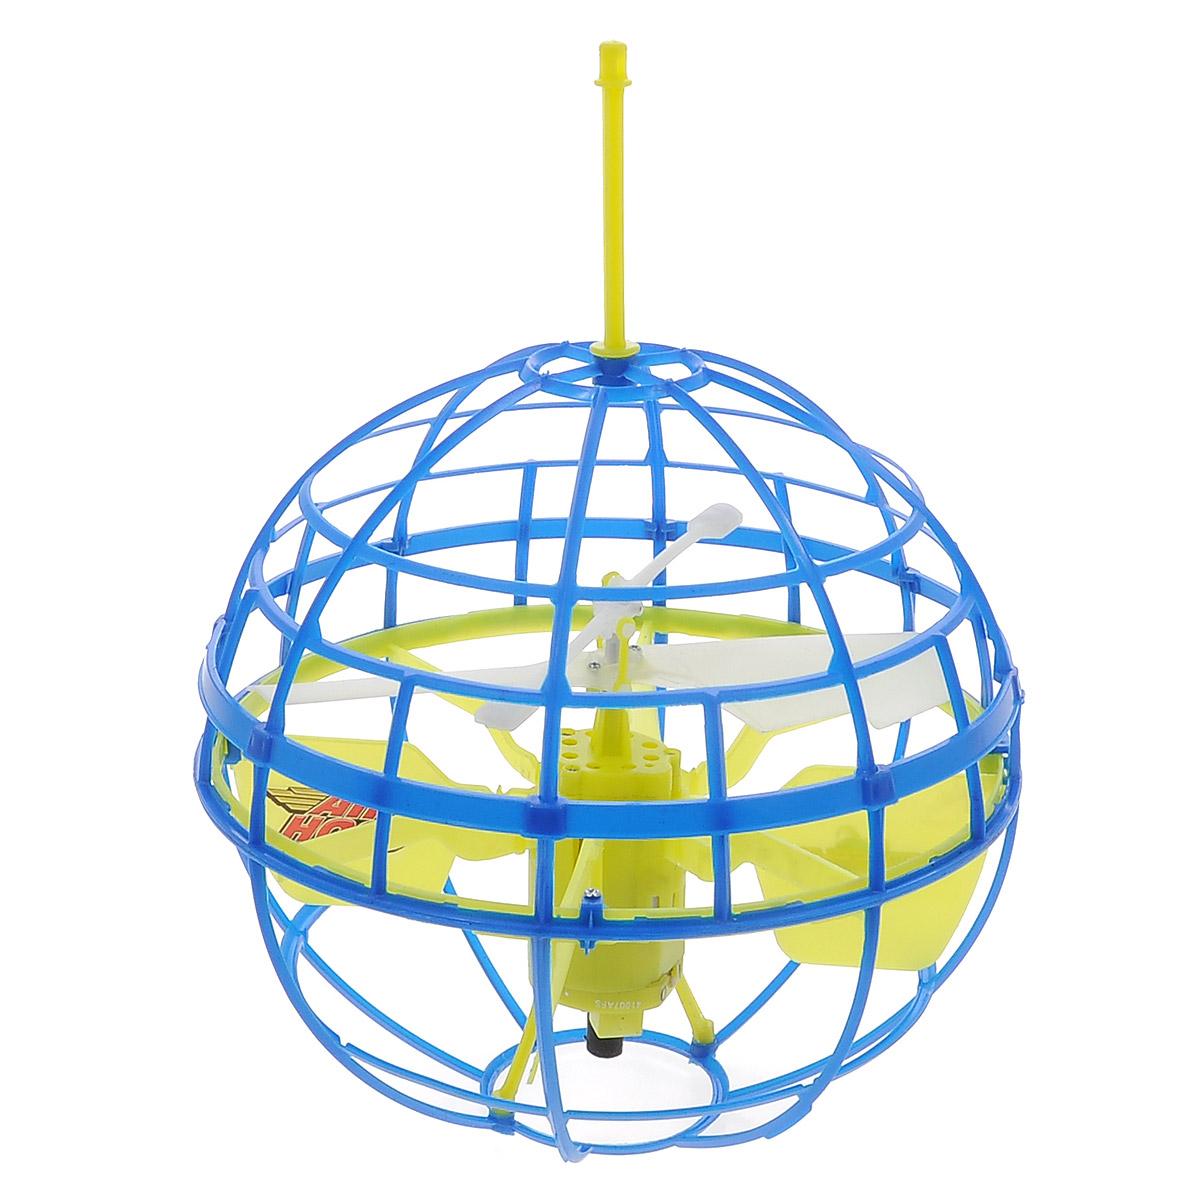 Air Hogs Игрушка на радиоуправлении Atmosphere Axis цвет синий